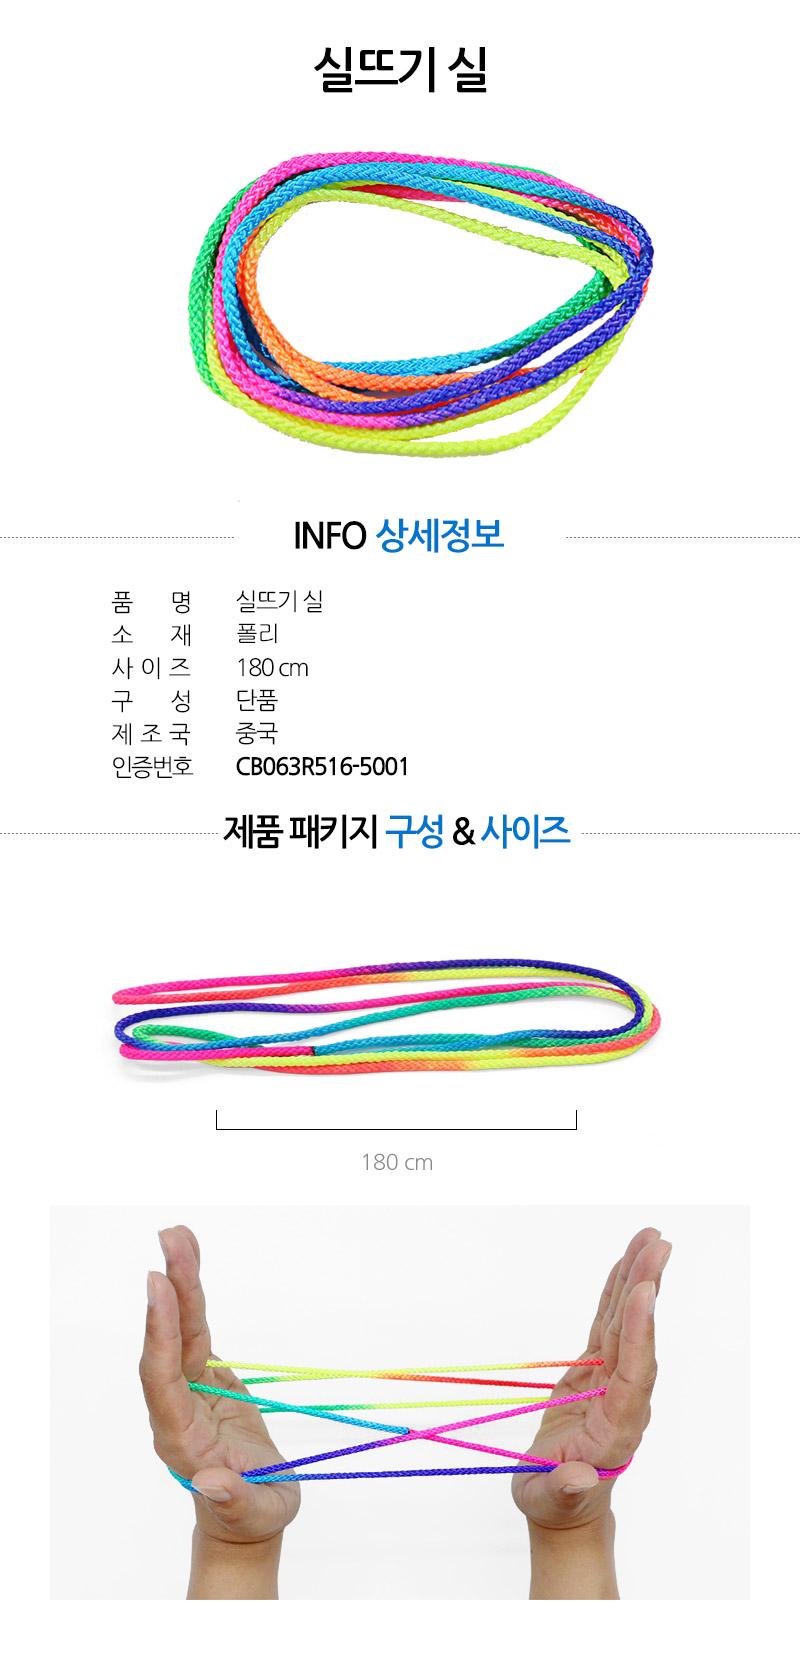 레인보우 실뜨기 실 - 킹콩박스, 1,000원, 뜨개질, 기타 패키지